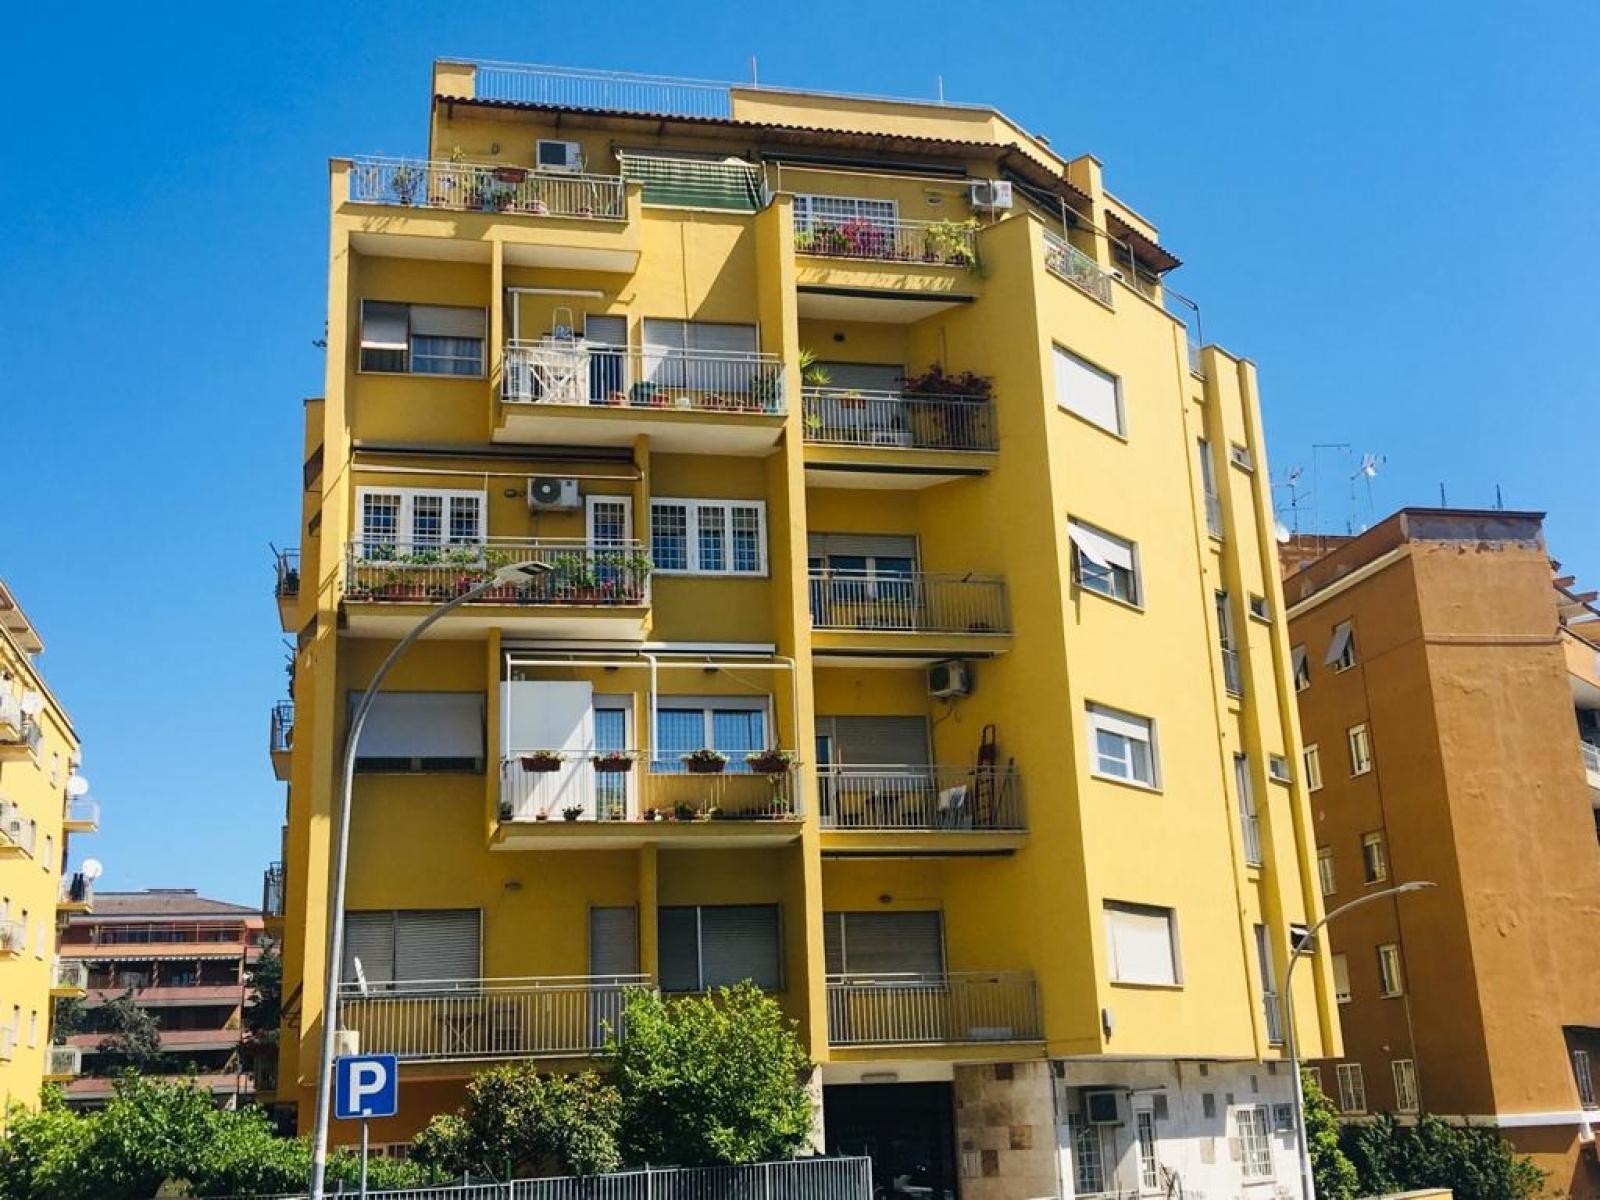 Trilocale in vendita via monti lessini zona montesacro for Camera dei deputati roma indirizzo